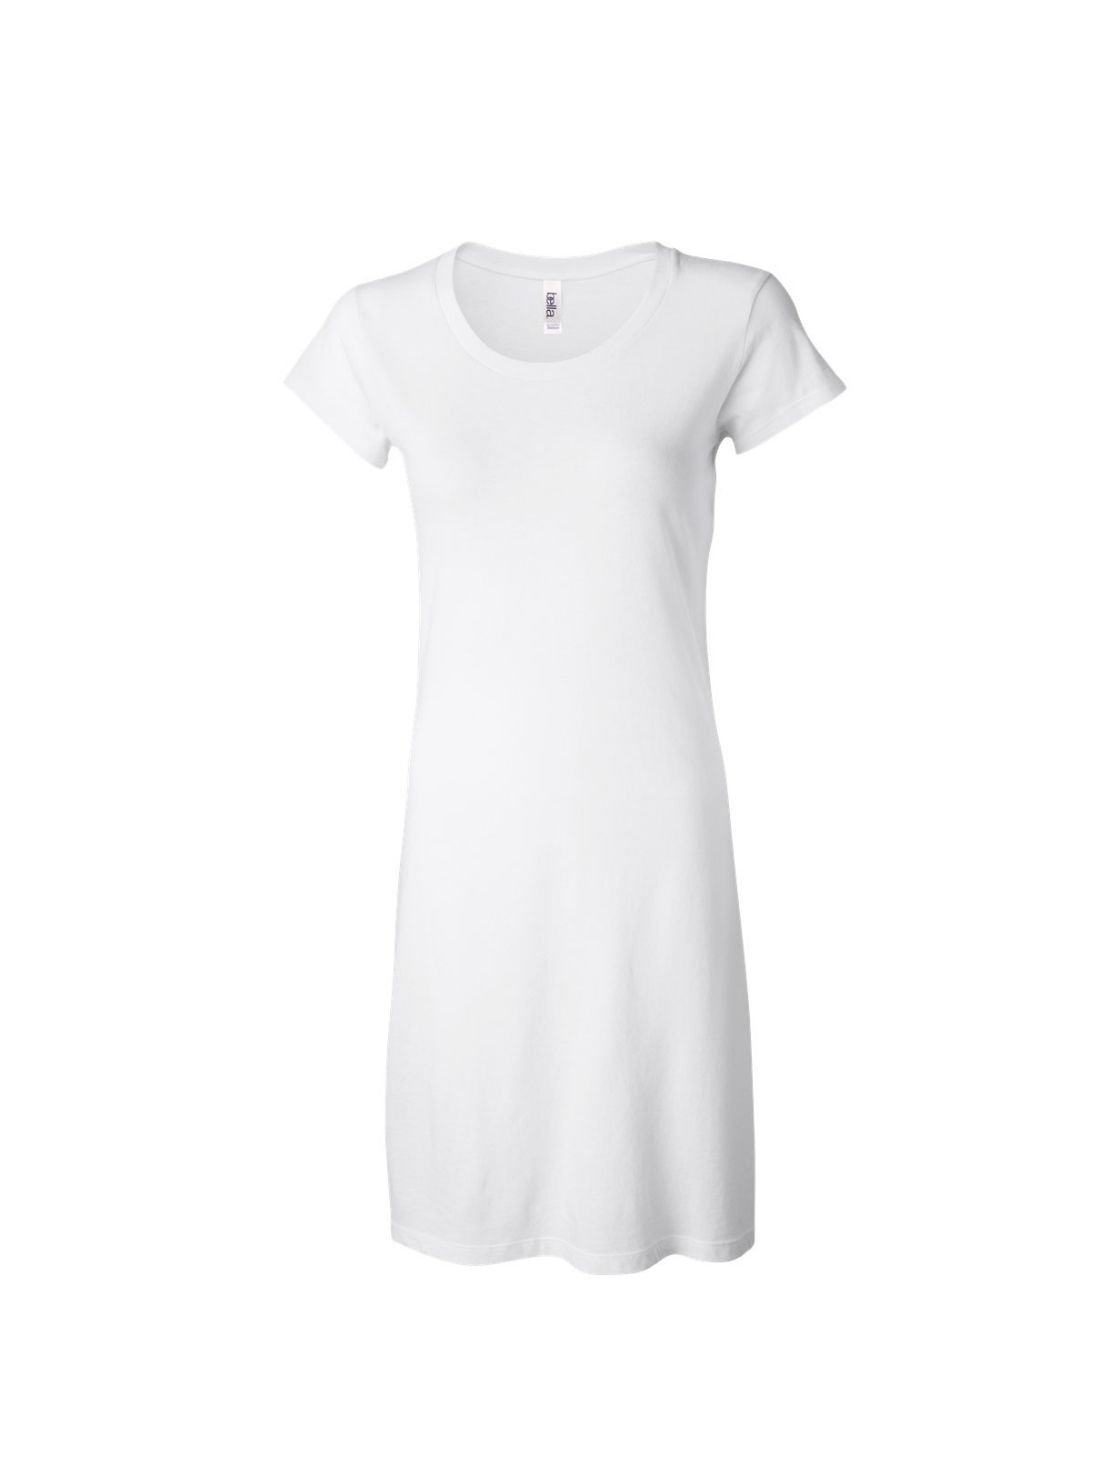 Wholesale Ladies Pain T shirt Dresses